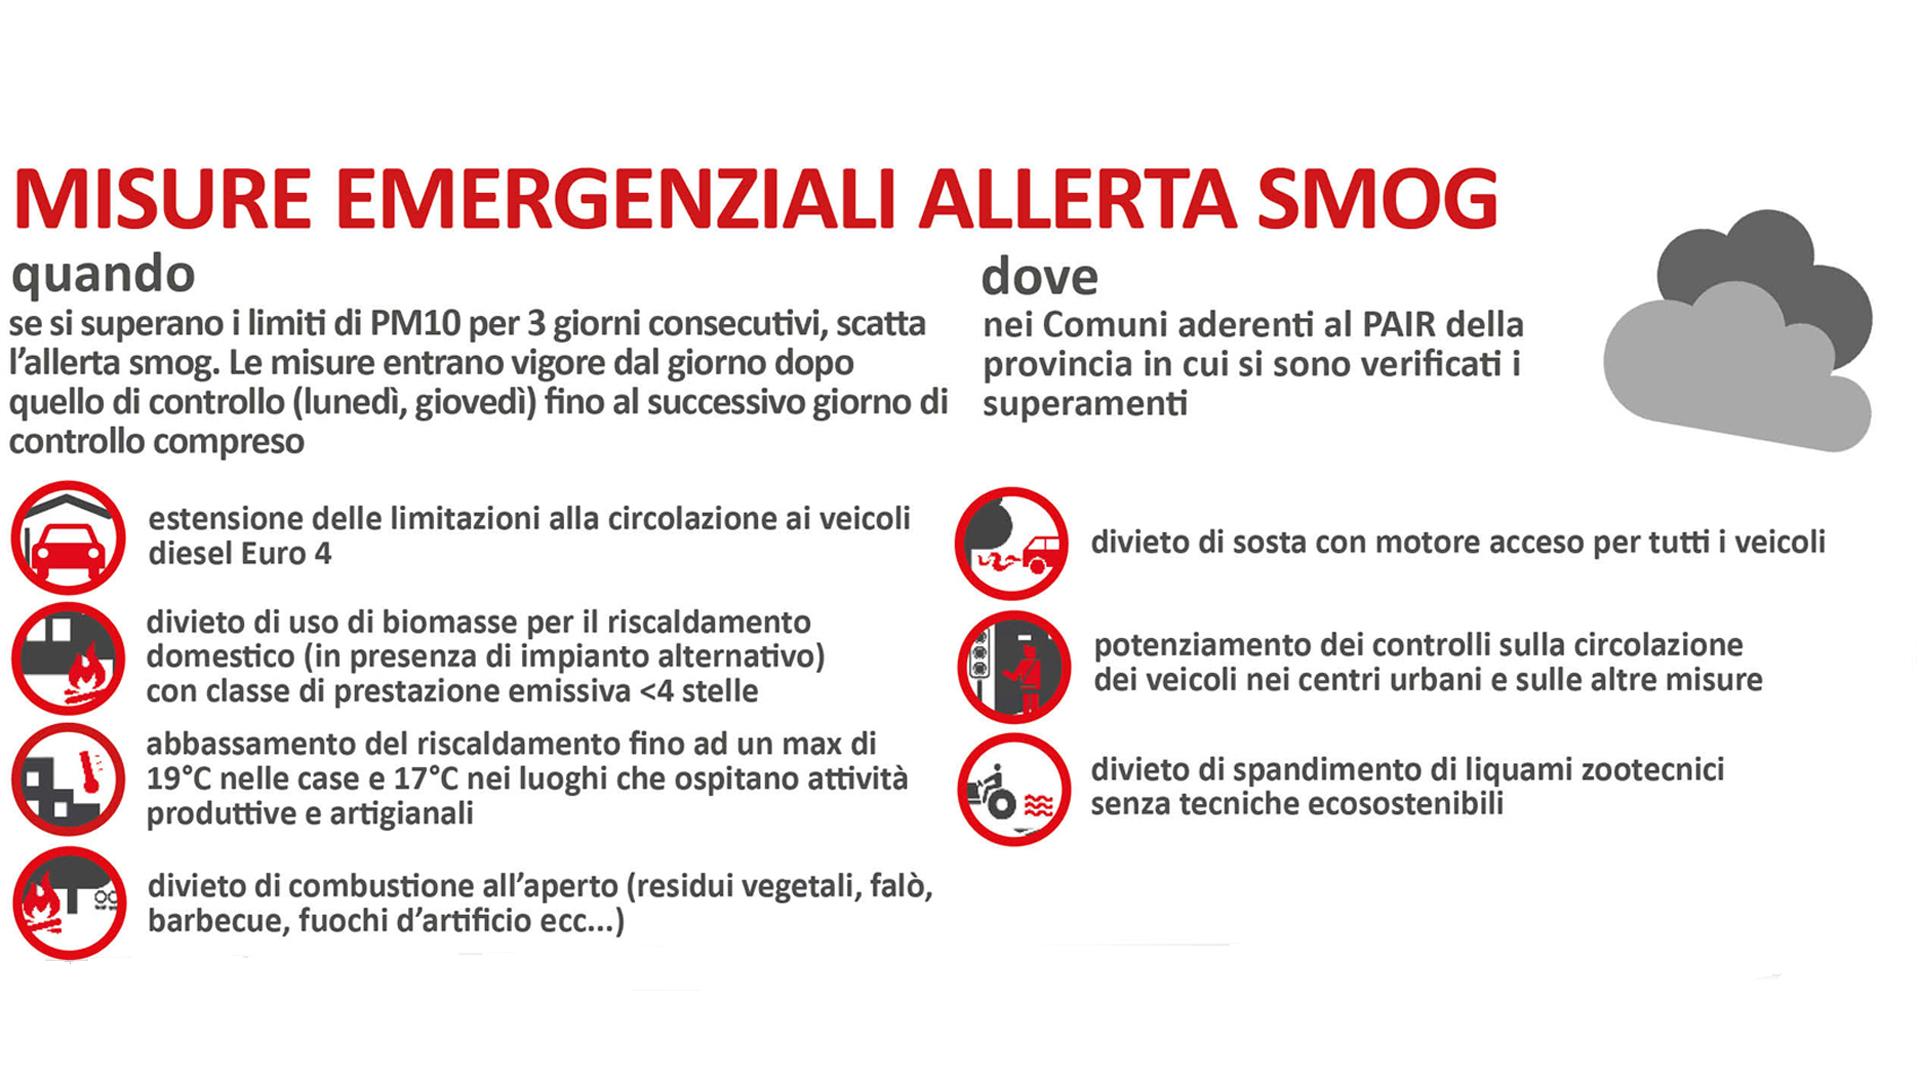 Smog, ancora sforamenti dei limiti di PM10: continuano fino a lunedì 25 febbraio le misure emergenziali a Bologna, Imola e nei Comuni dell'agglomerato